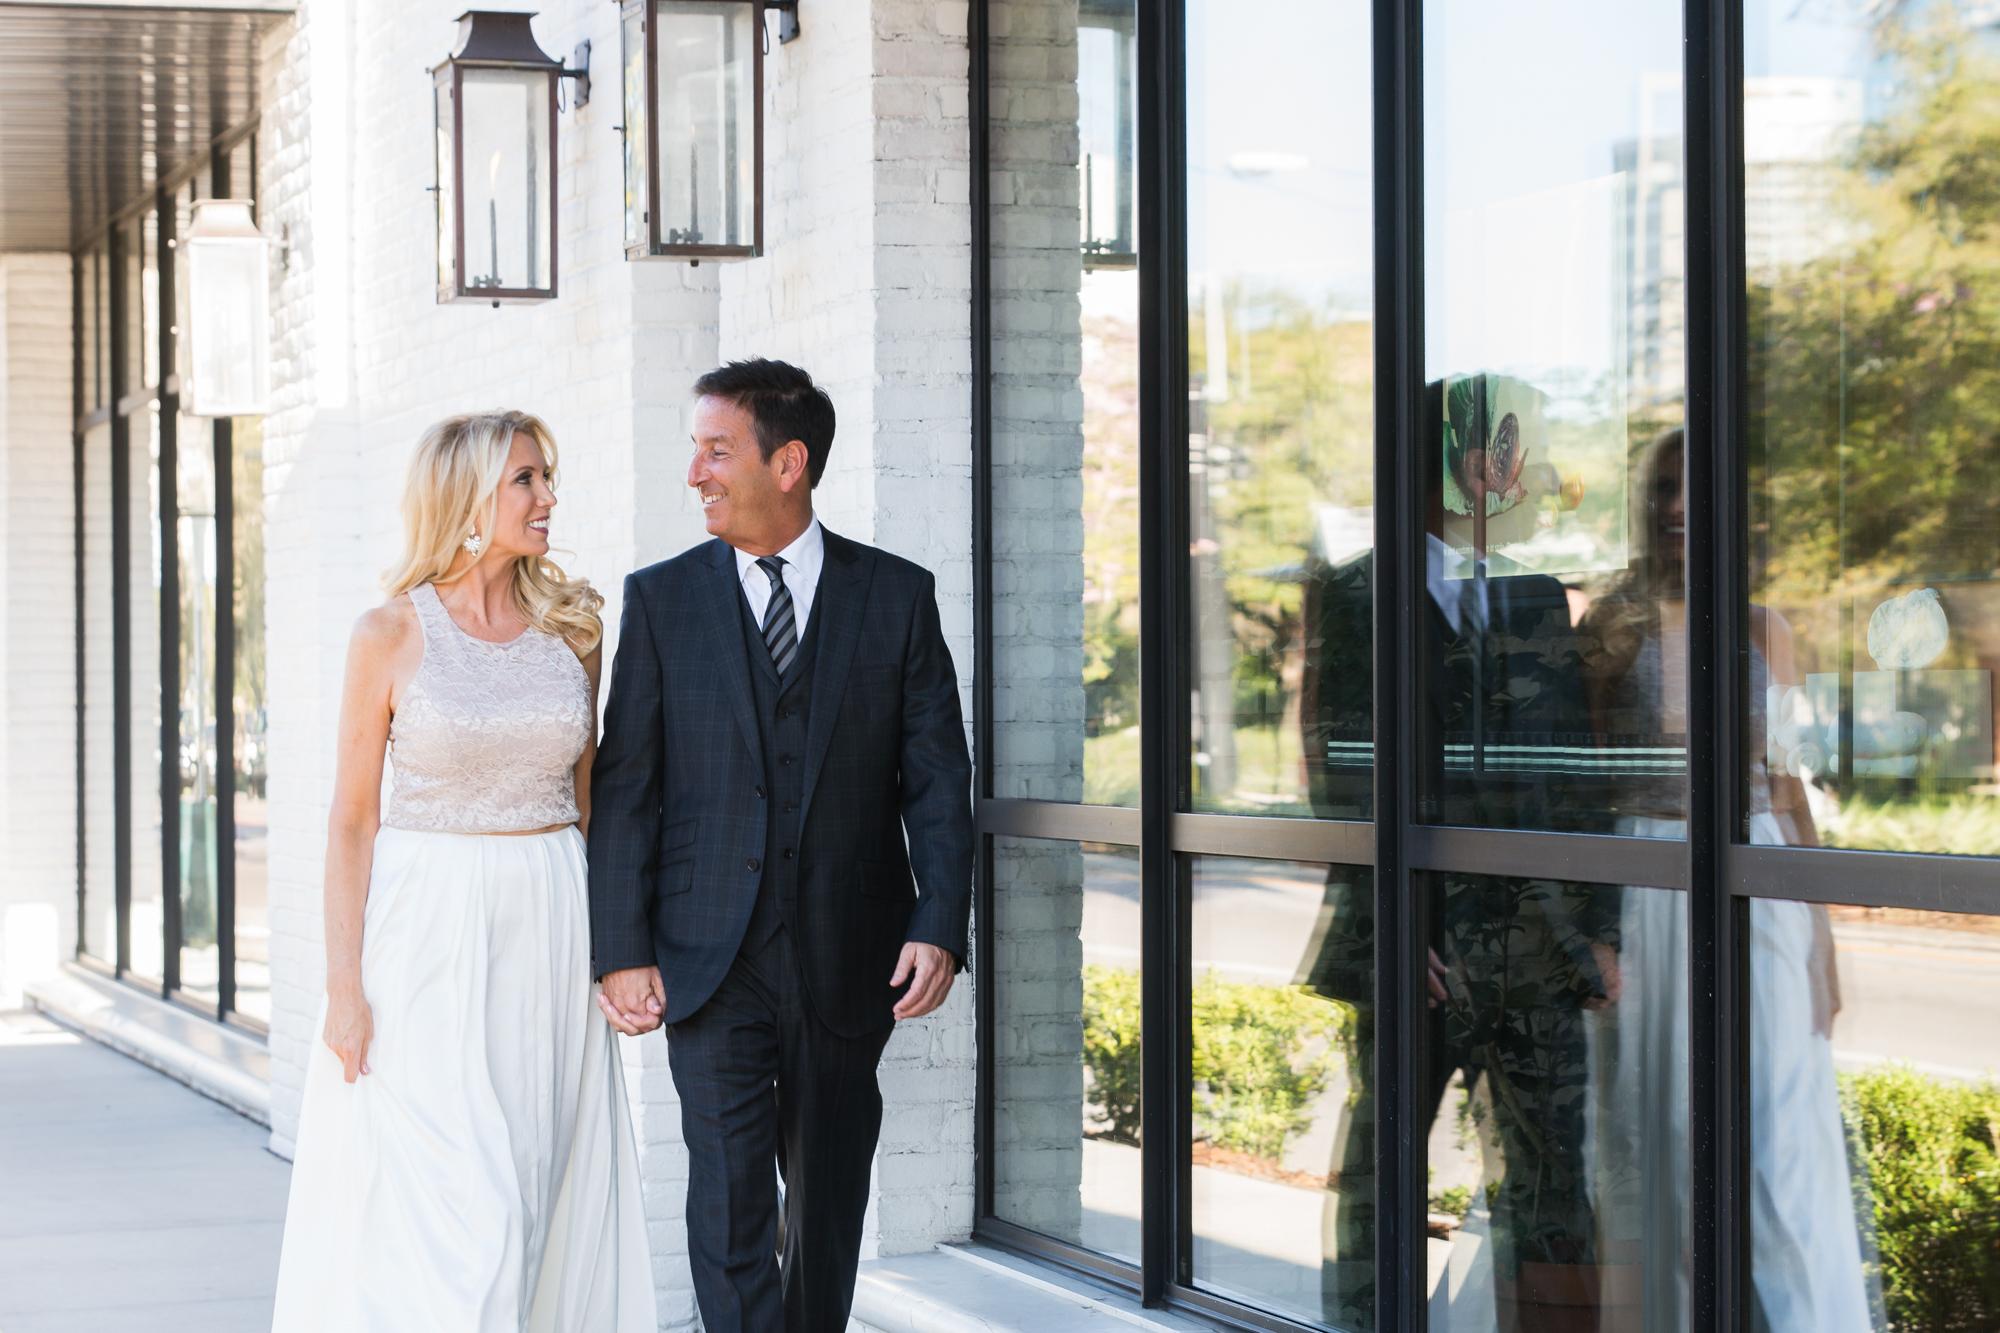 Oxford-Exchange-wedding, Tampa-wedding-photographer